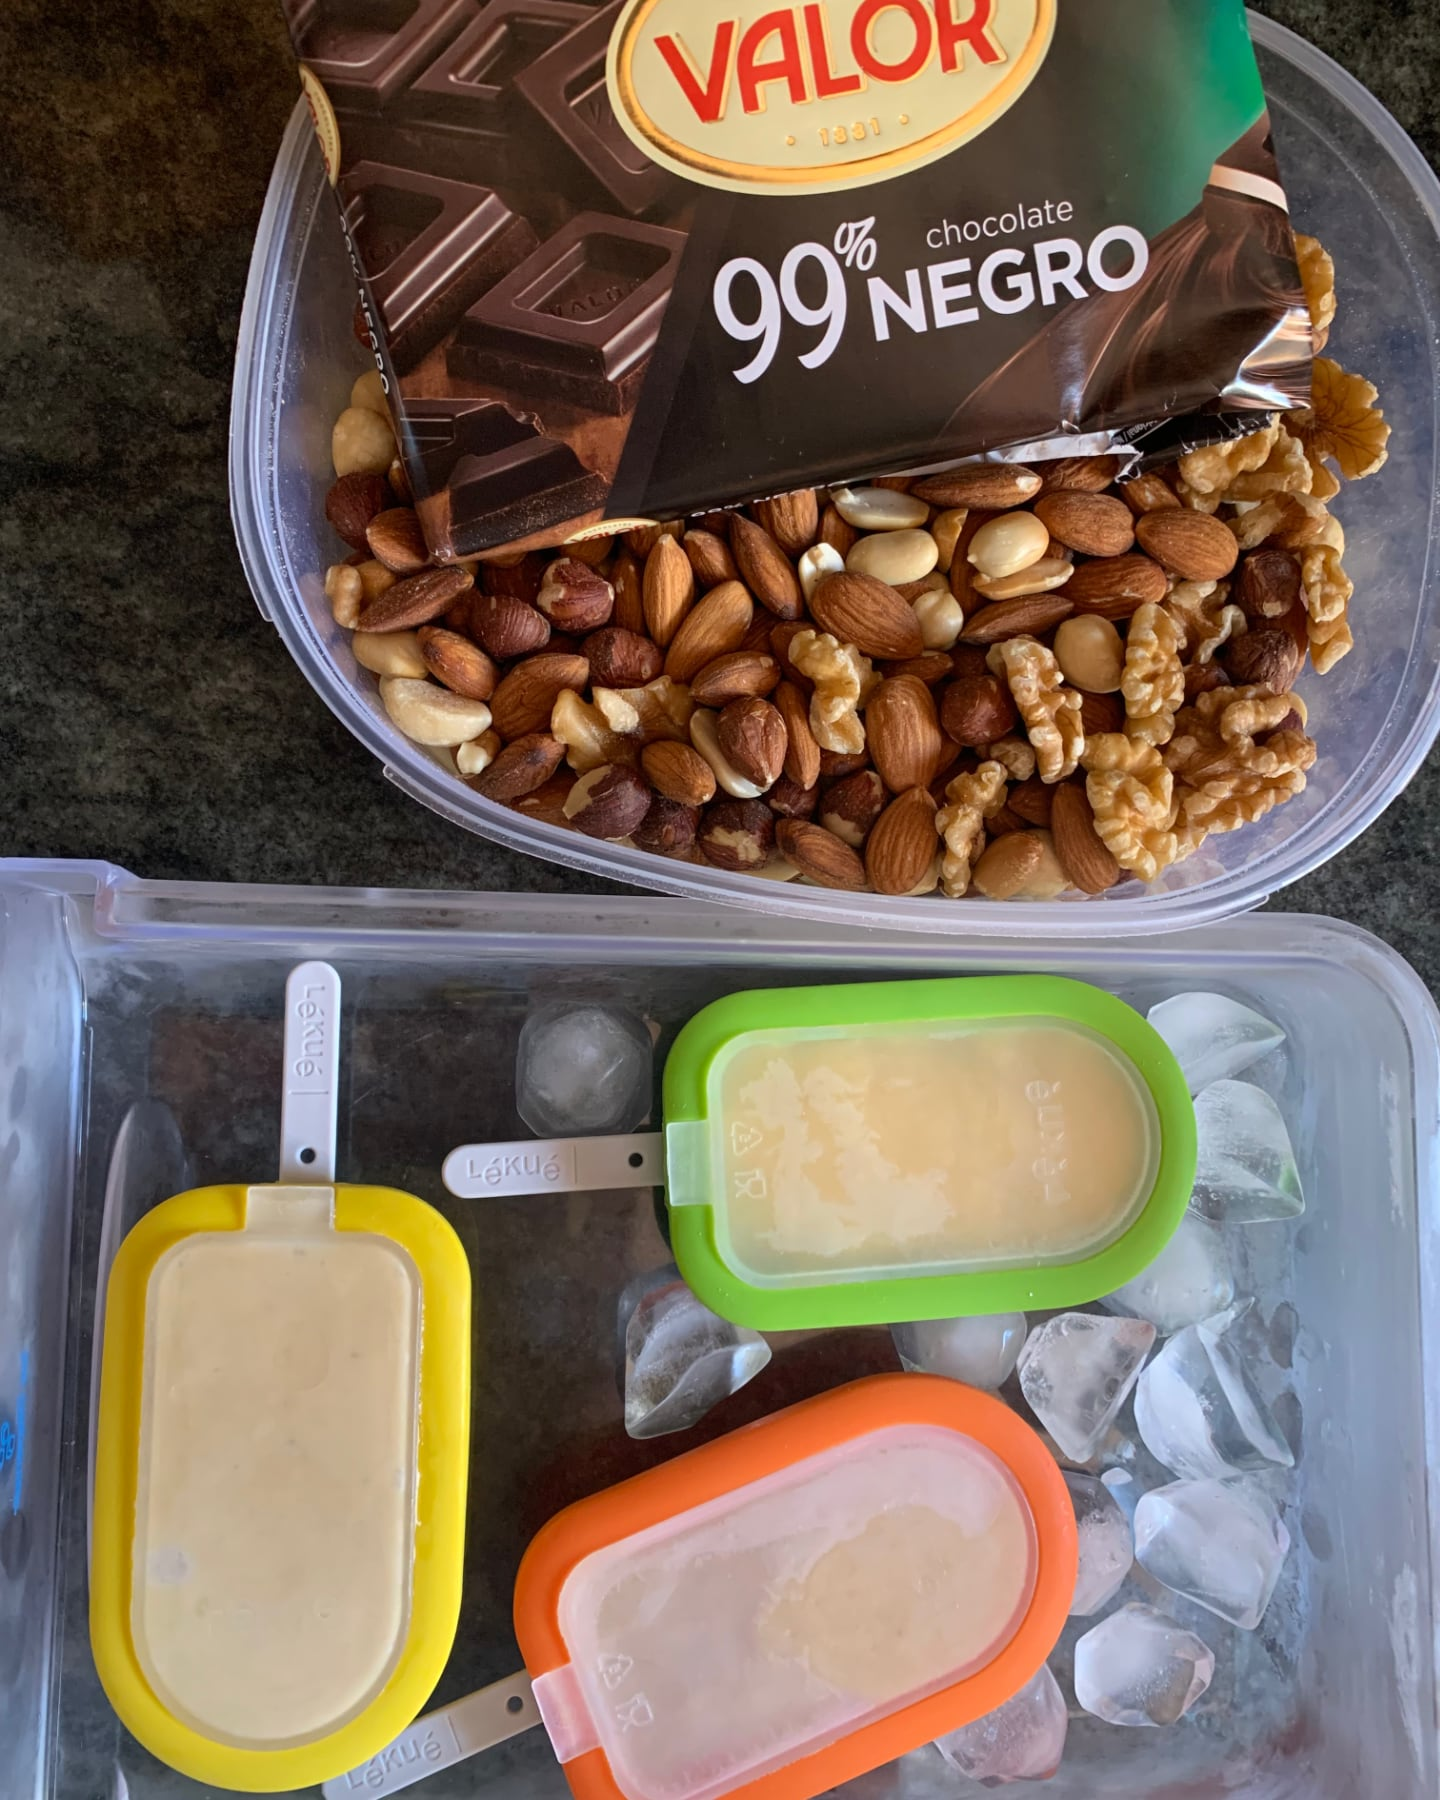 Cobertura de chocolate para FacilAdos